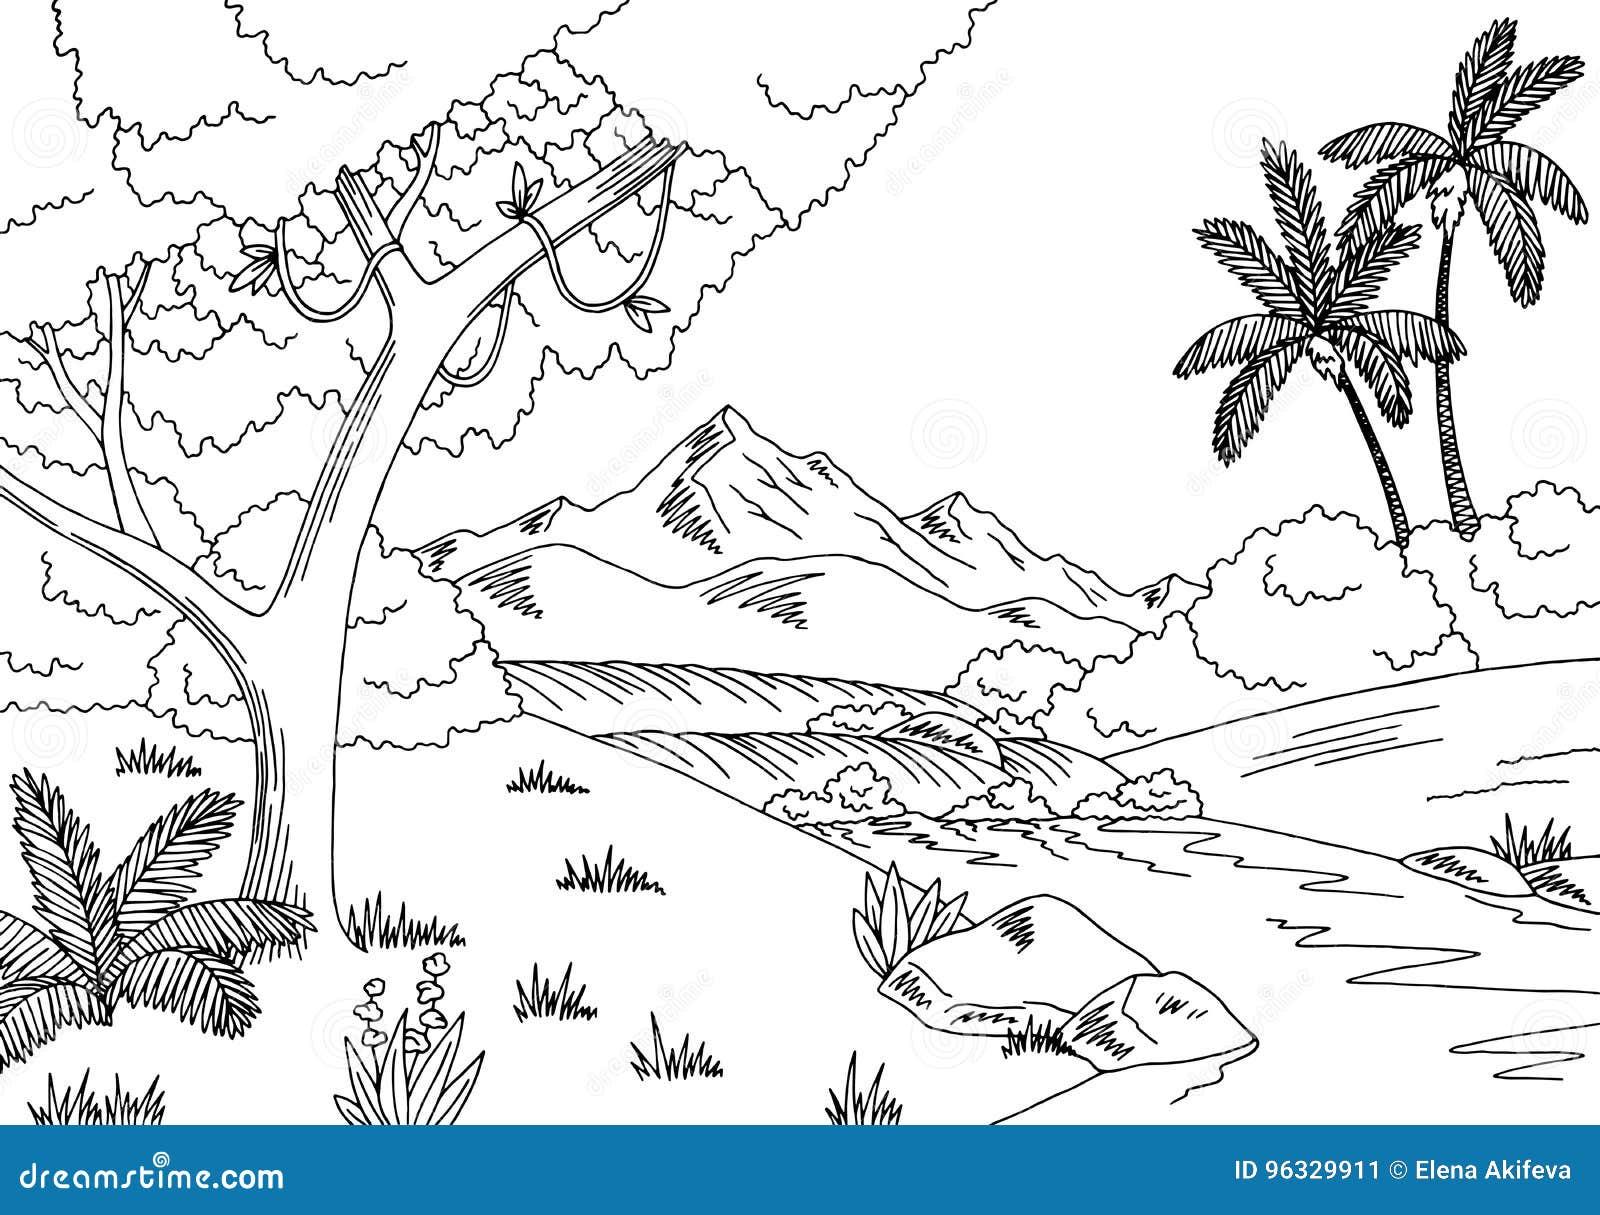 Jungle river graphic black white landscape sketch for Jungle furniture white river